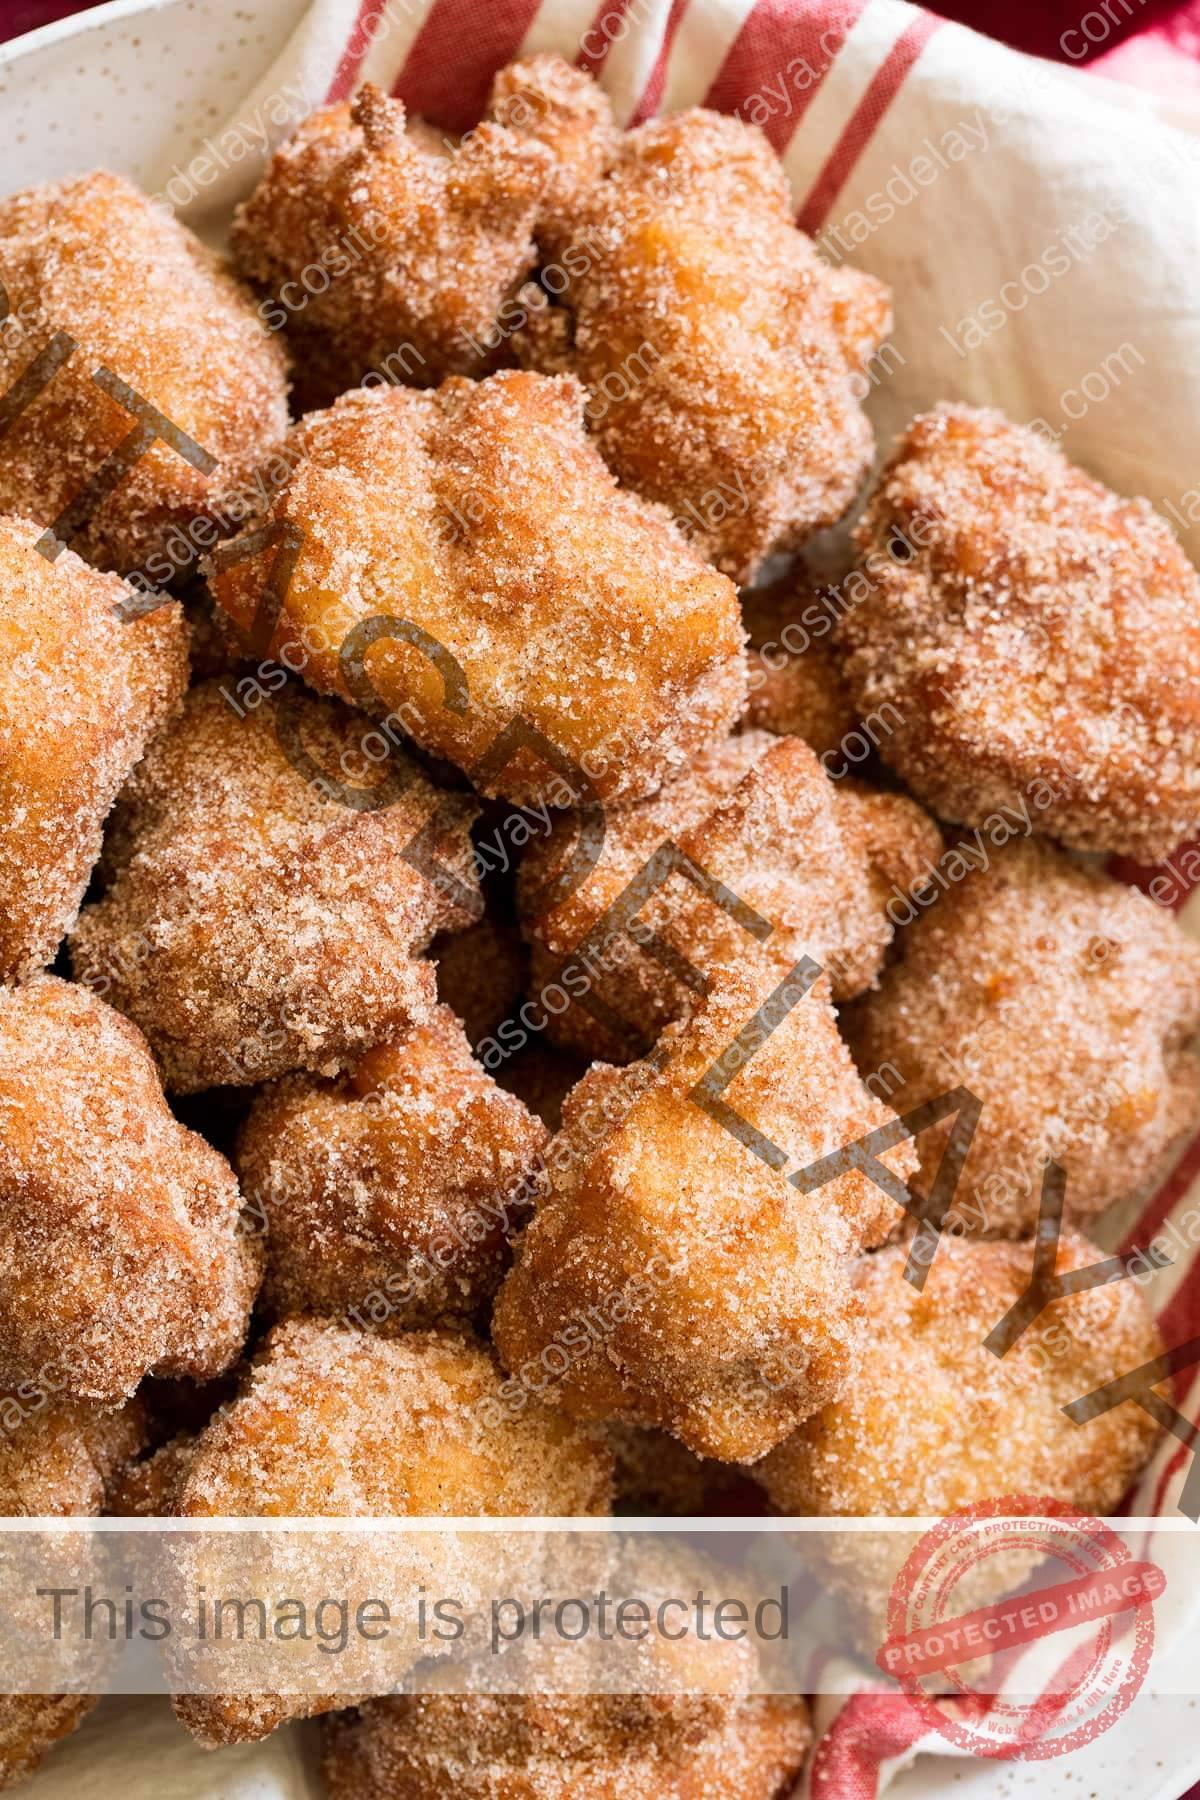 Cerrar imagen de canela y galletas de manzana recubiertas de azúcar.